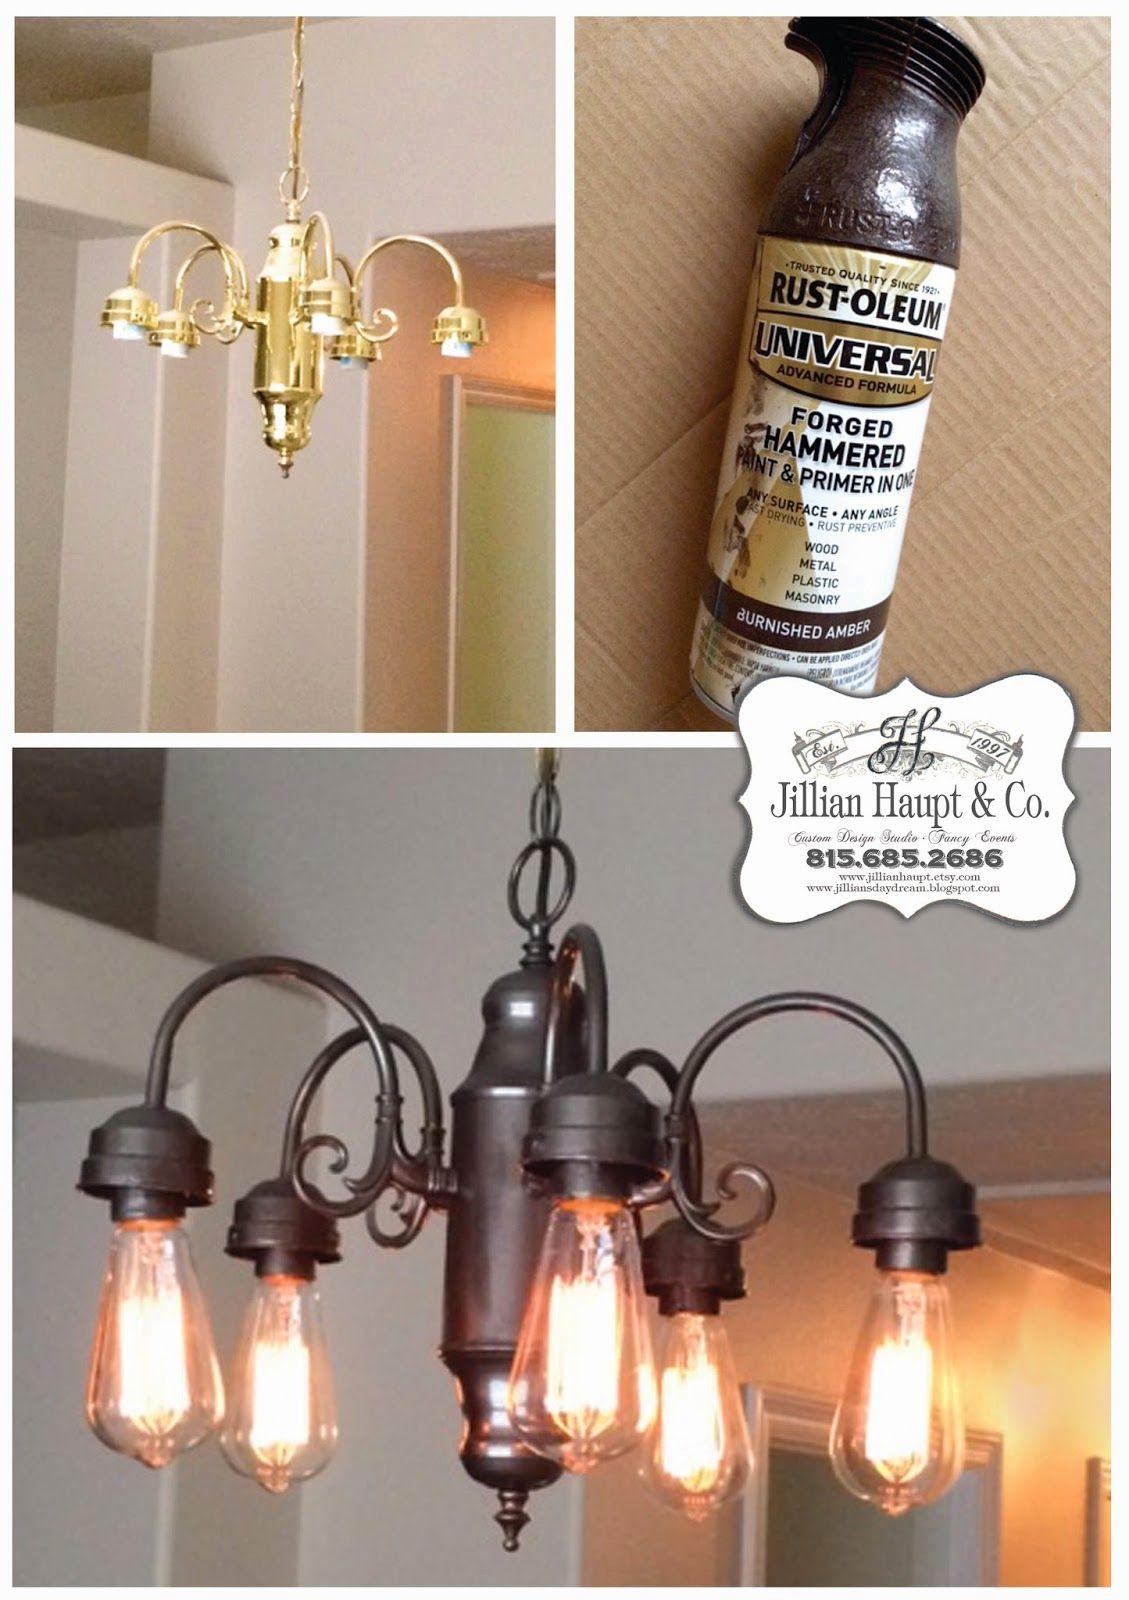 Bathroom Light Fixtures That Won't Rust jillian's daydream: being frugal, spray paint light fixture